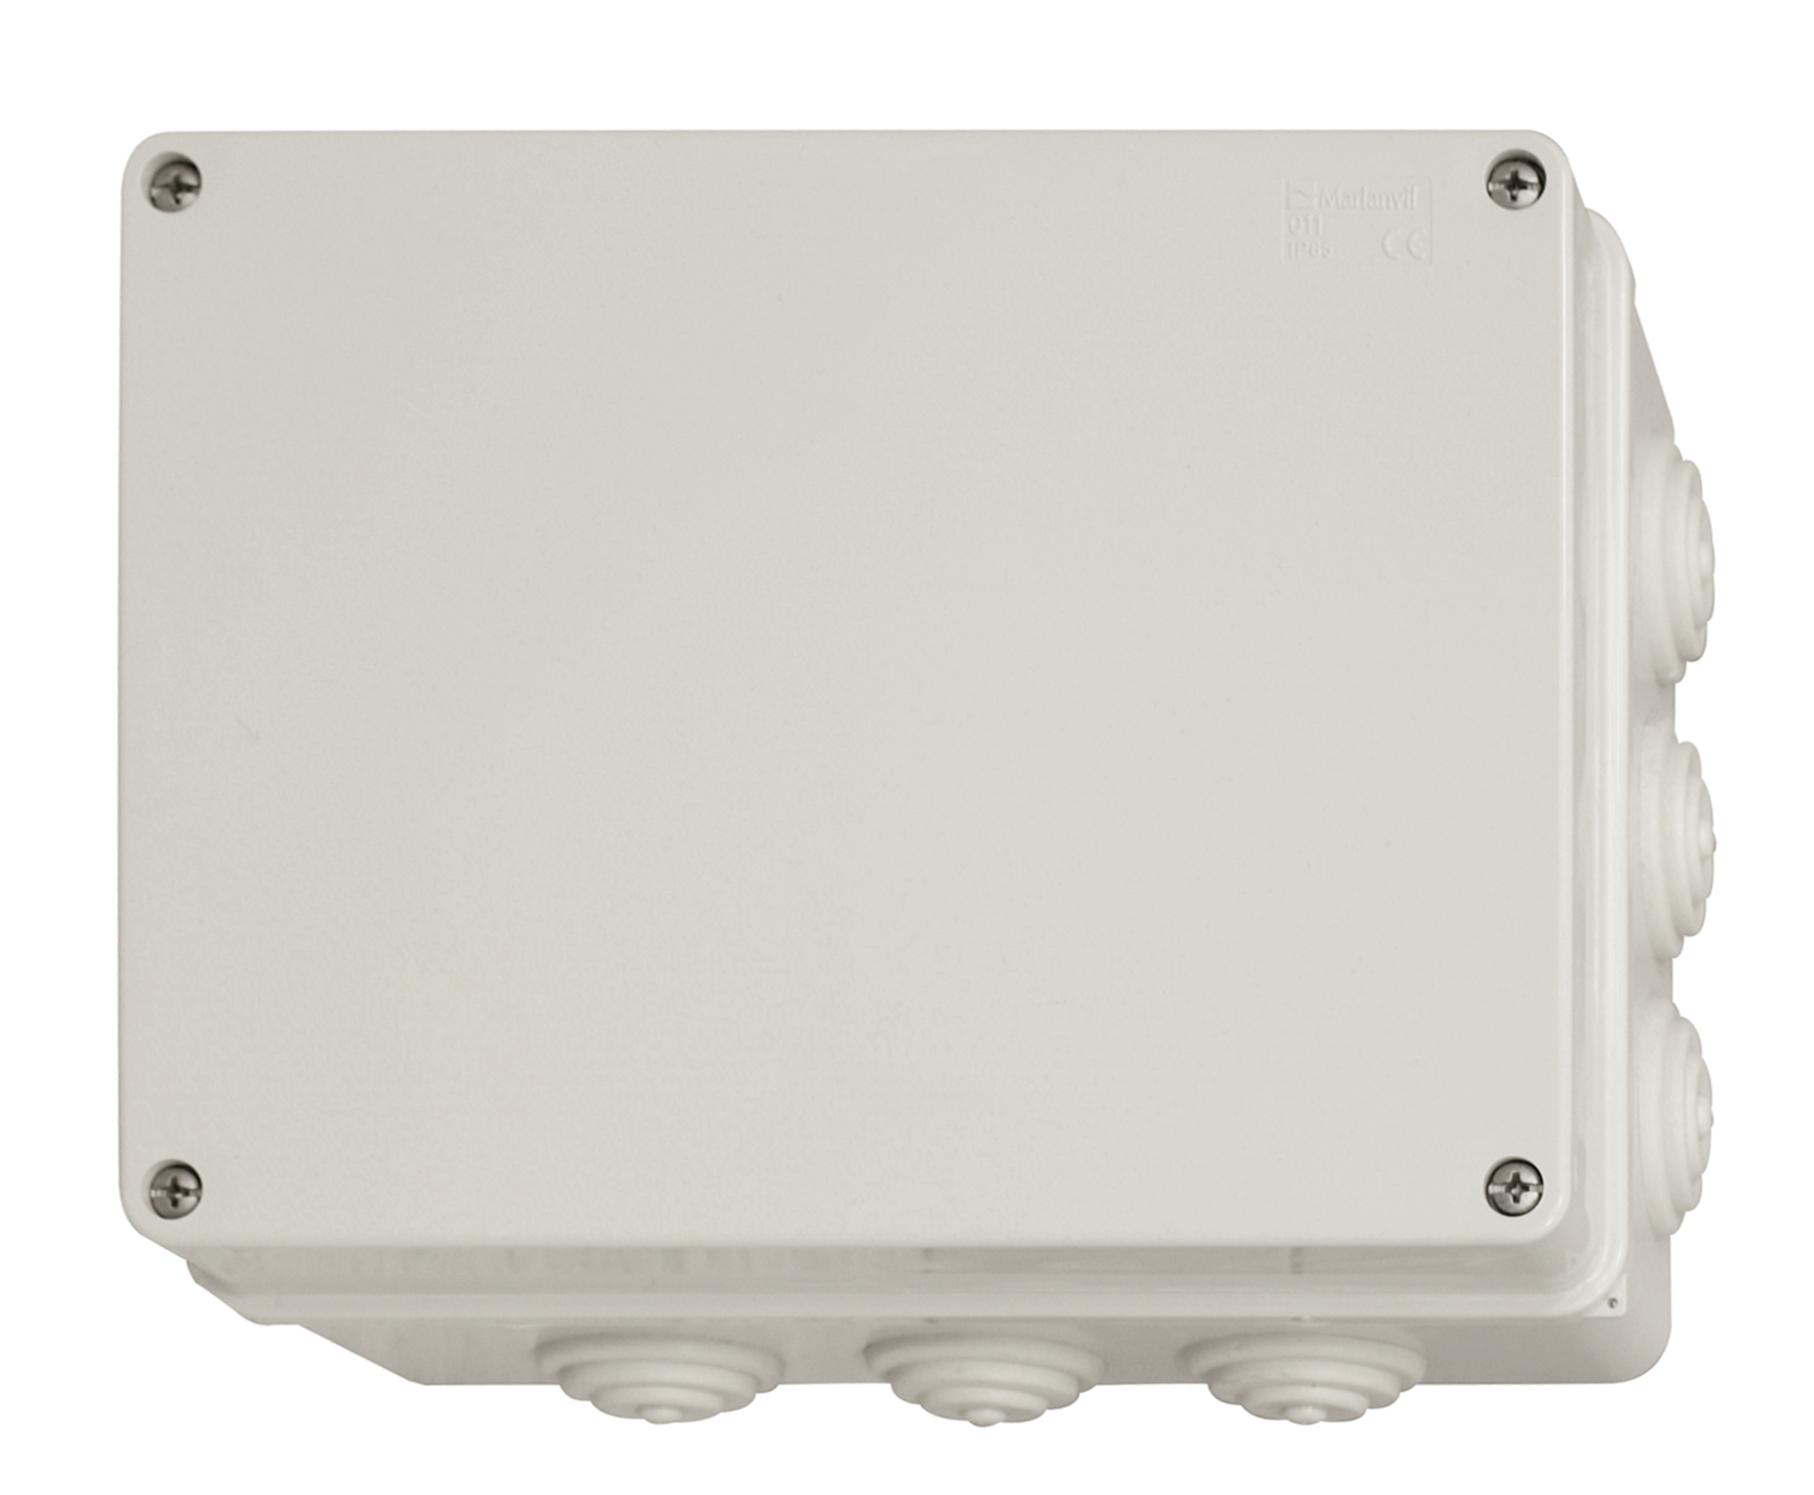 1 Stk Abzweigdose 300x220x120mm, IP65 IG313022--